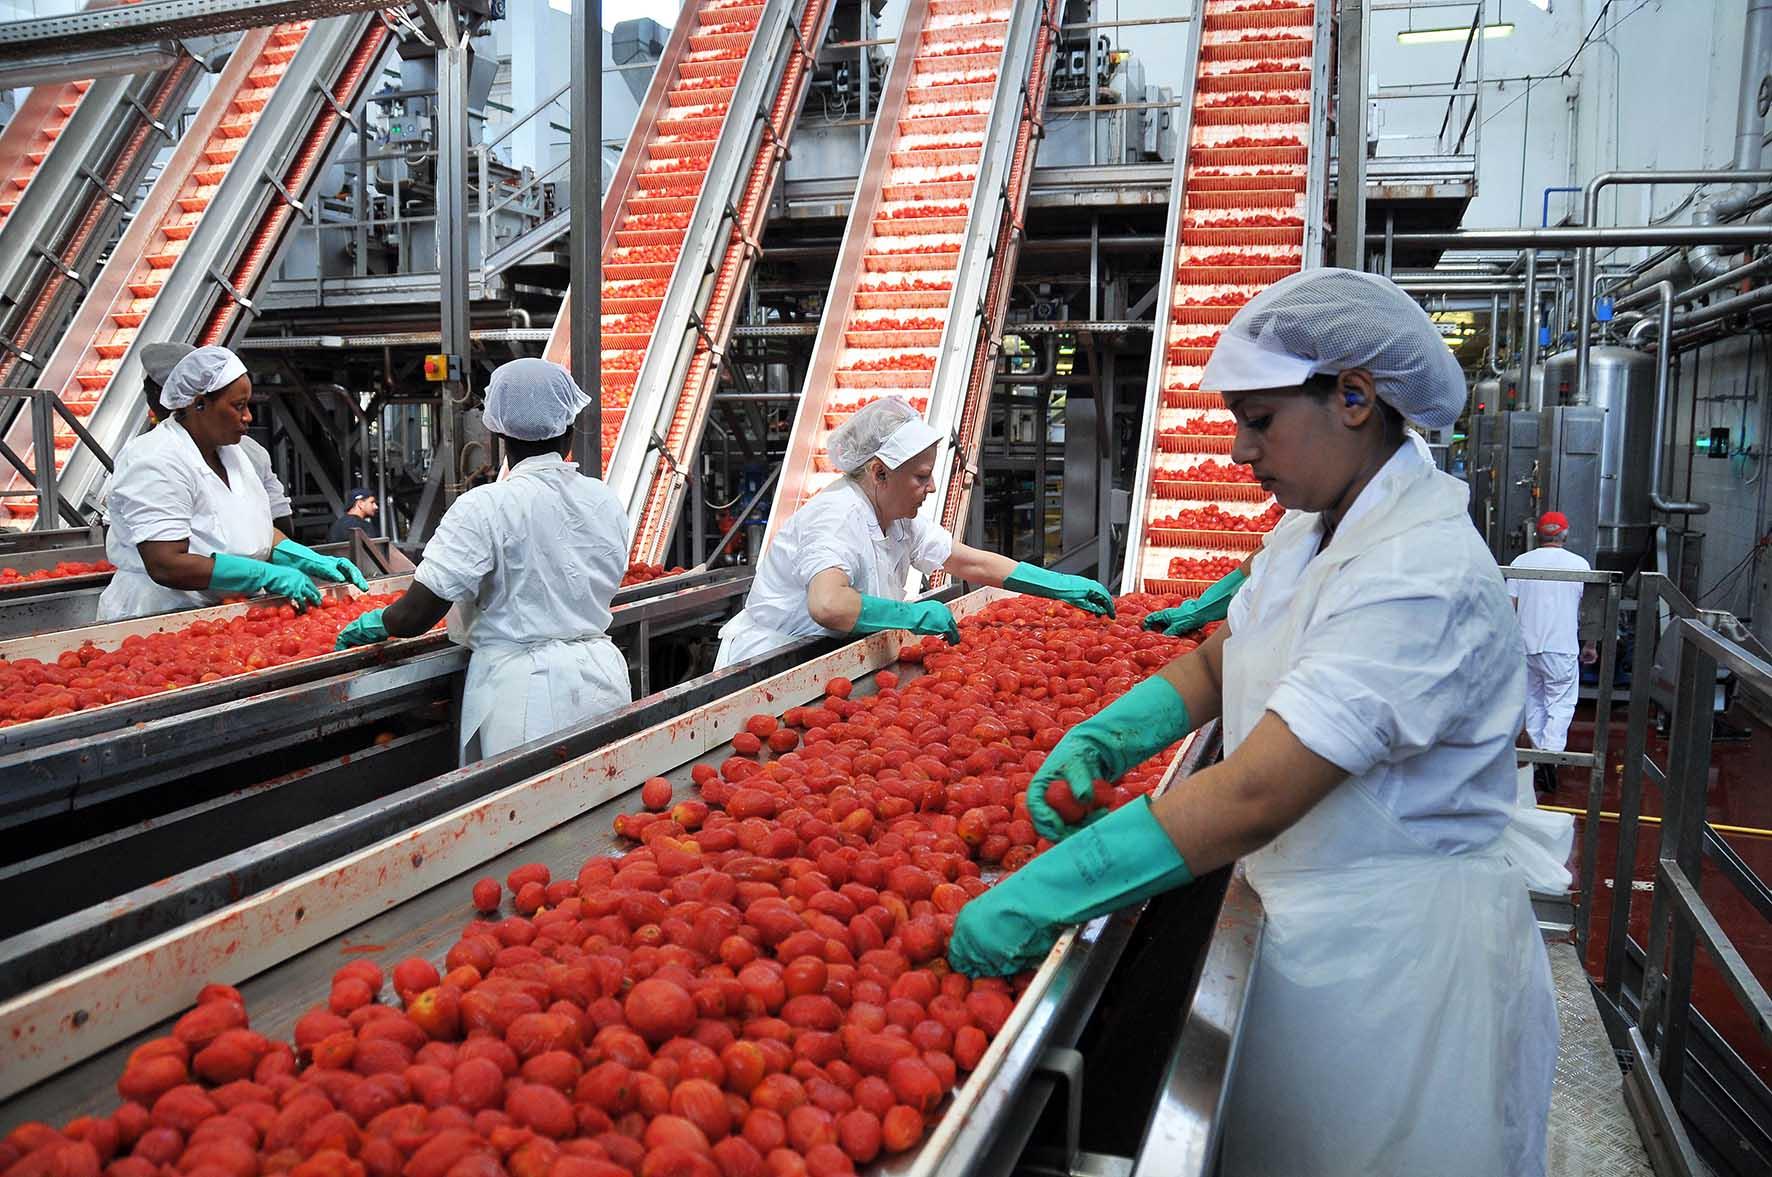 Agricoltura Emilia Romagna industria pomodoro cernitrici